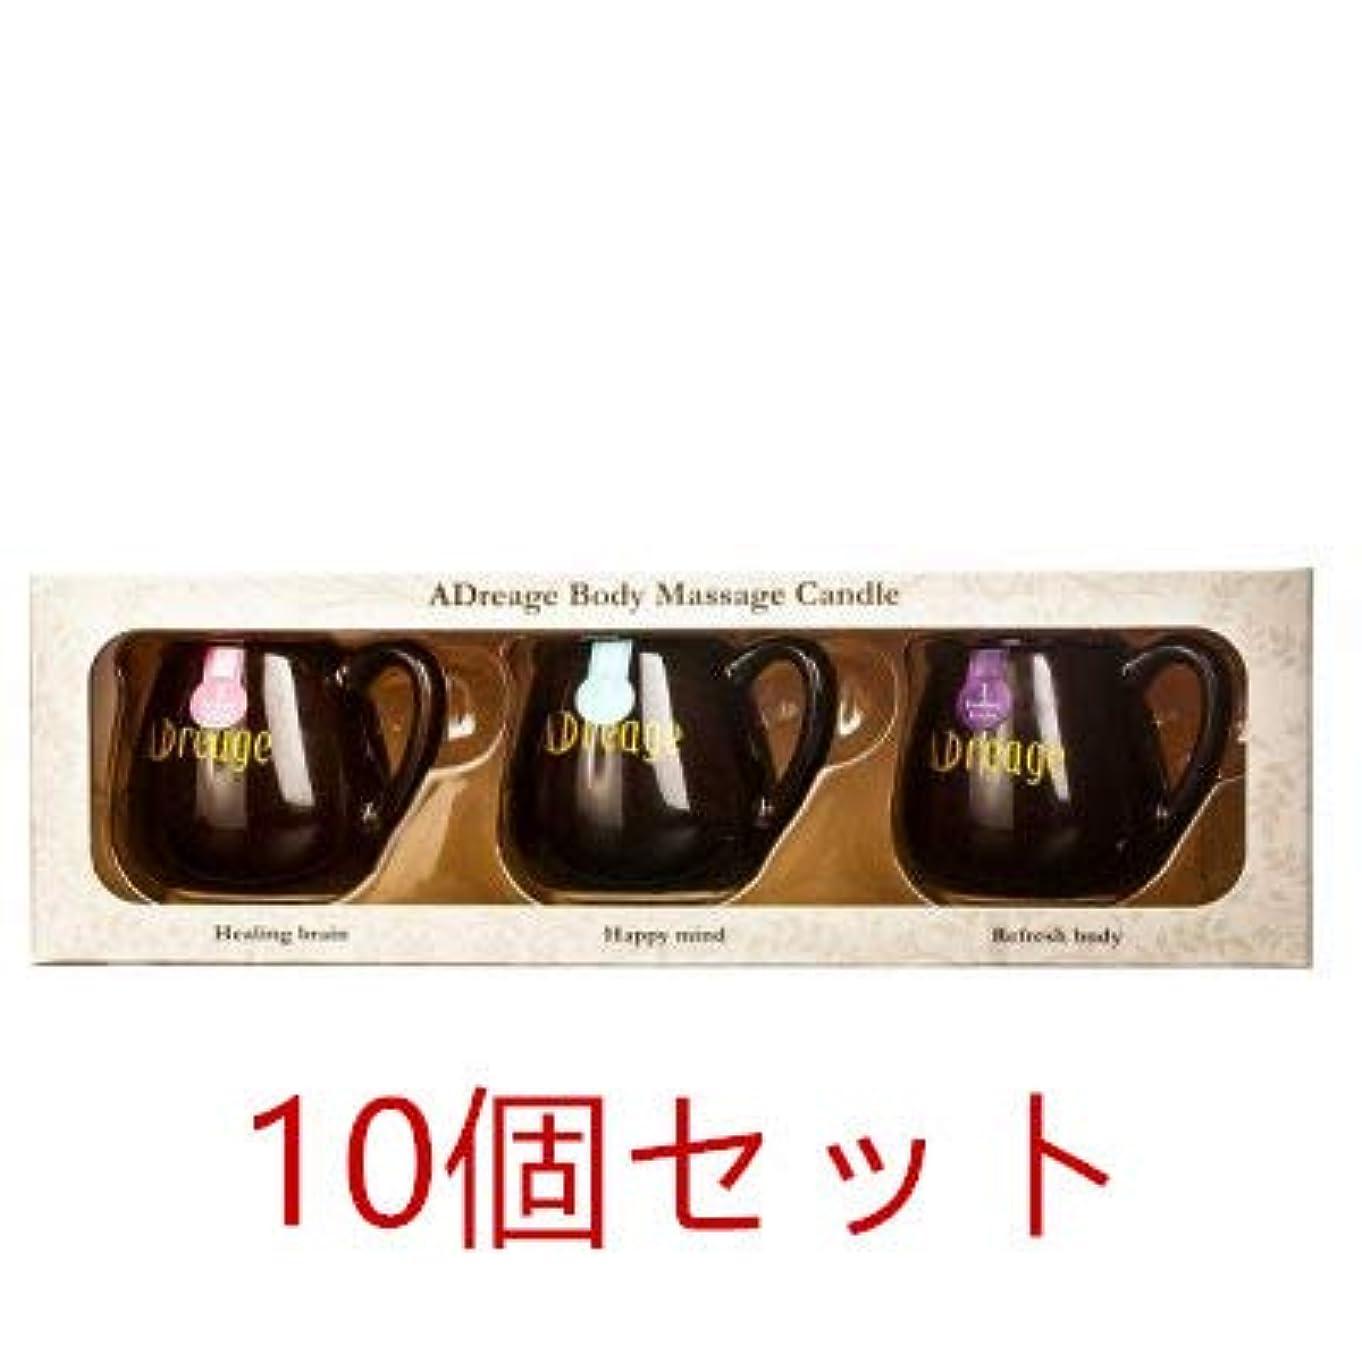 作り受信イーウェルSAKURA LOVE Aroma Candle【アドレアージュ キャンドルミニセット】10個セット